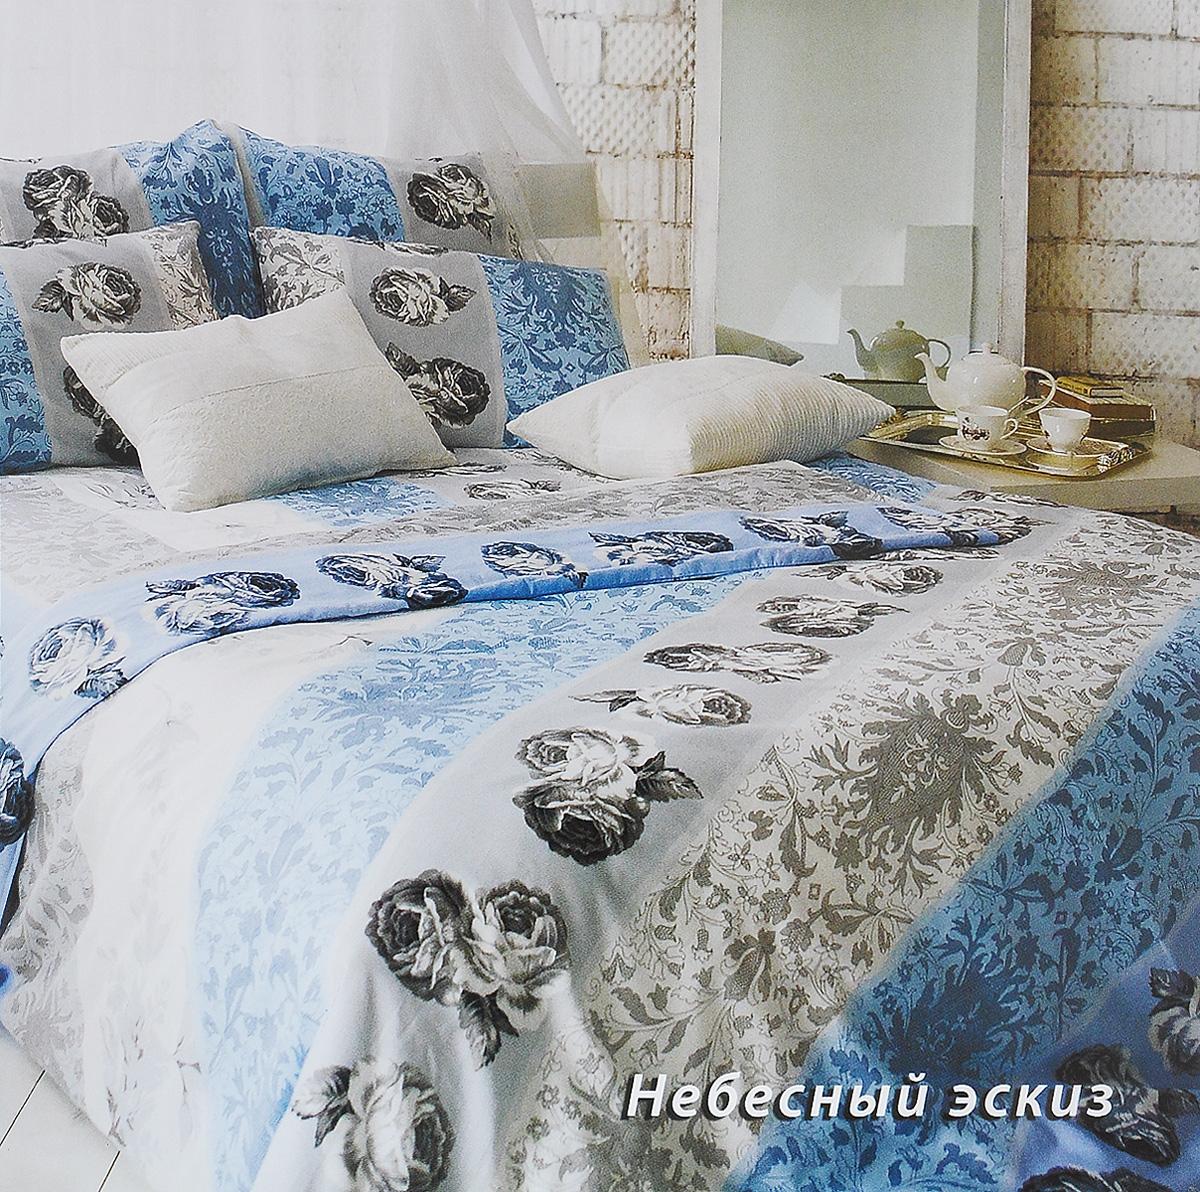 Комплект белья Tiffanys Secret Небесный эскиз, семейный, наволочки 50х70, цвет: голубой, белый, серый2040816149Комплект постельного белья Tiffanys Secret Небесный эскиз является экологически безопасным для всей семьи, так как выполнен из сатина (100% хлопок). Комплект состоит из двух пододеяльников, простыни и двух наволочек. Предметы комплекта оформлены оригинальным рисунком.Благодаря такому комплекту постельного белья вы сможете создать атмосферу уюта и комфорта в вашей спальне.Сатин - это ткань, навсегда покорившая сердца человечества. Ценившие роскошь персы называли ее атлас, а искушенные в прекрасном французы - сатин. Секрет высококачественного сатина в безупречности всего технологического процесса. Эту благородную ткань делают только из отборной натуральной пряжи, которую получают из самого лучшего тонковолокнистого хлопка. Благодаря использованию самой тонкой хлопковой нити получается необычайно мягкое и нежное полотно. Сатиновое постельное белье превращает жаркие летние ночи в прохладные и освежающие, а холодные зимние - в теплые и согревающие. Сатин очень приятен на ощупь, постельное белье из него долговечно, выдерживает более 300 стирок, и лишь спустя долгое время материал начинает немного тускнеть. Оцените все достоинства постельного белья из сатина, выбирая самое лучшее для себя!